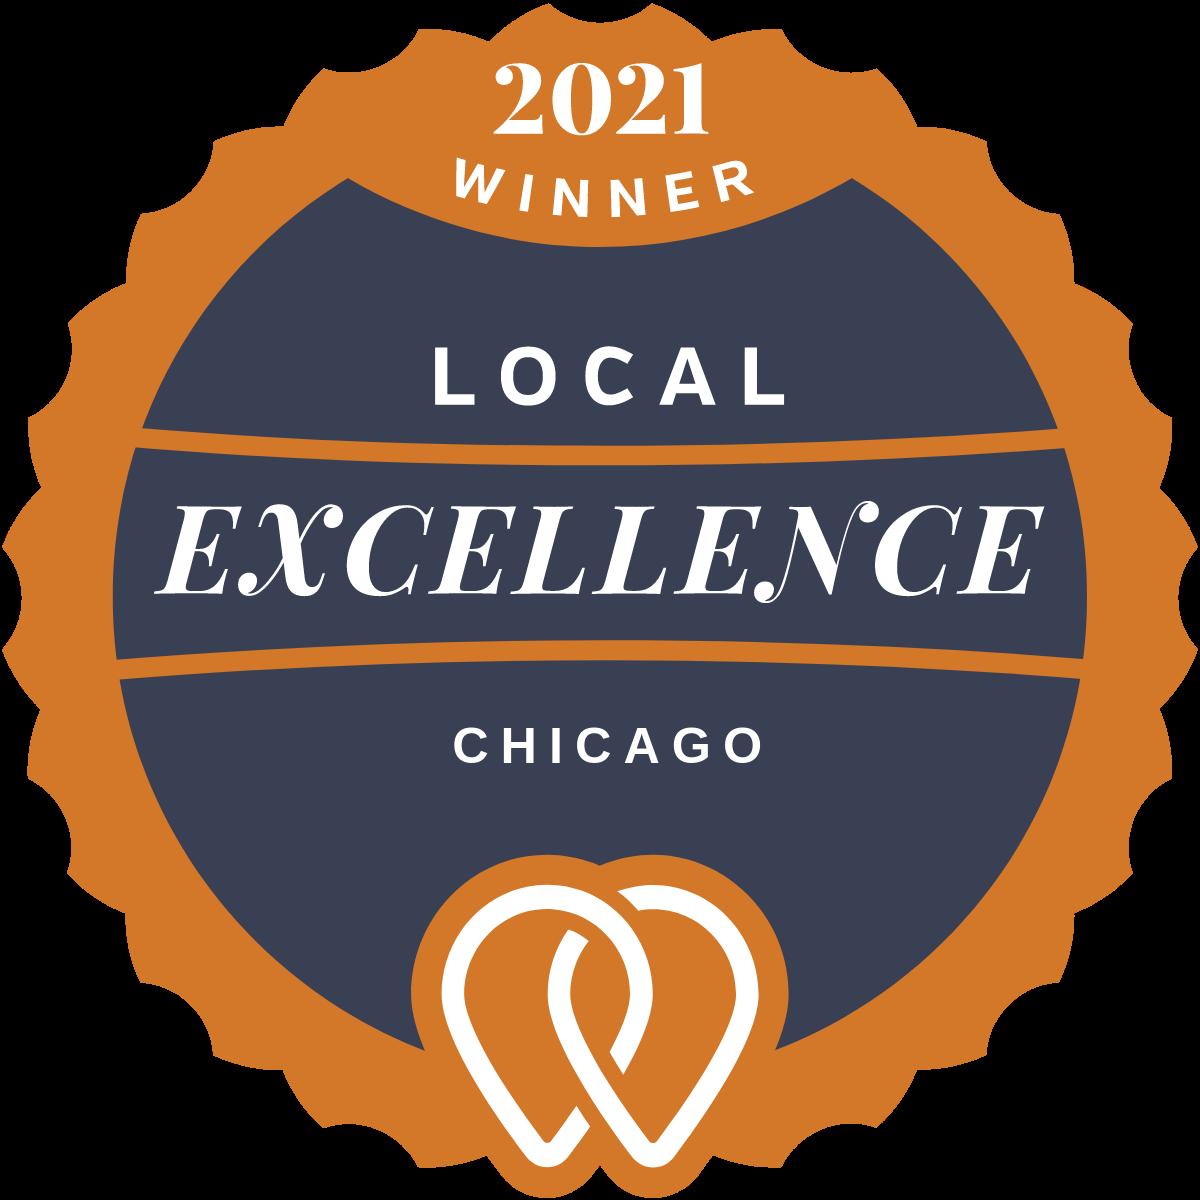 Local Excellence Chicago Award Winner - Symboliq Media